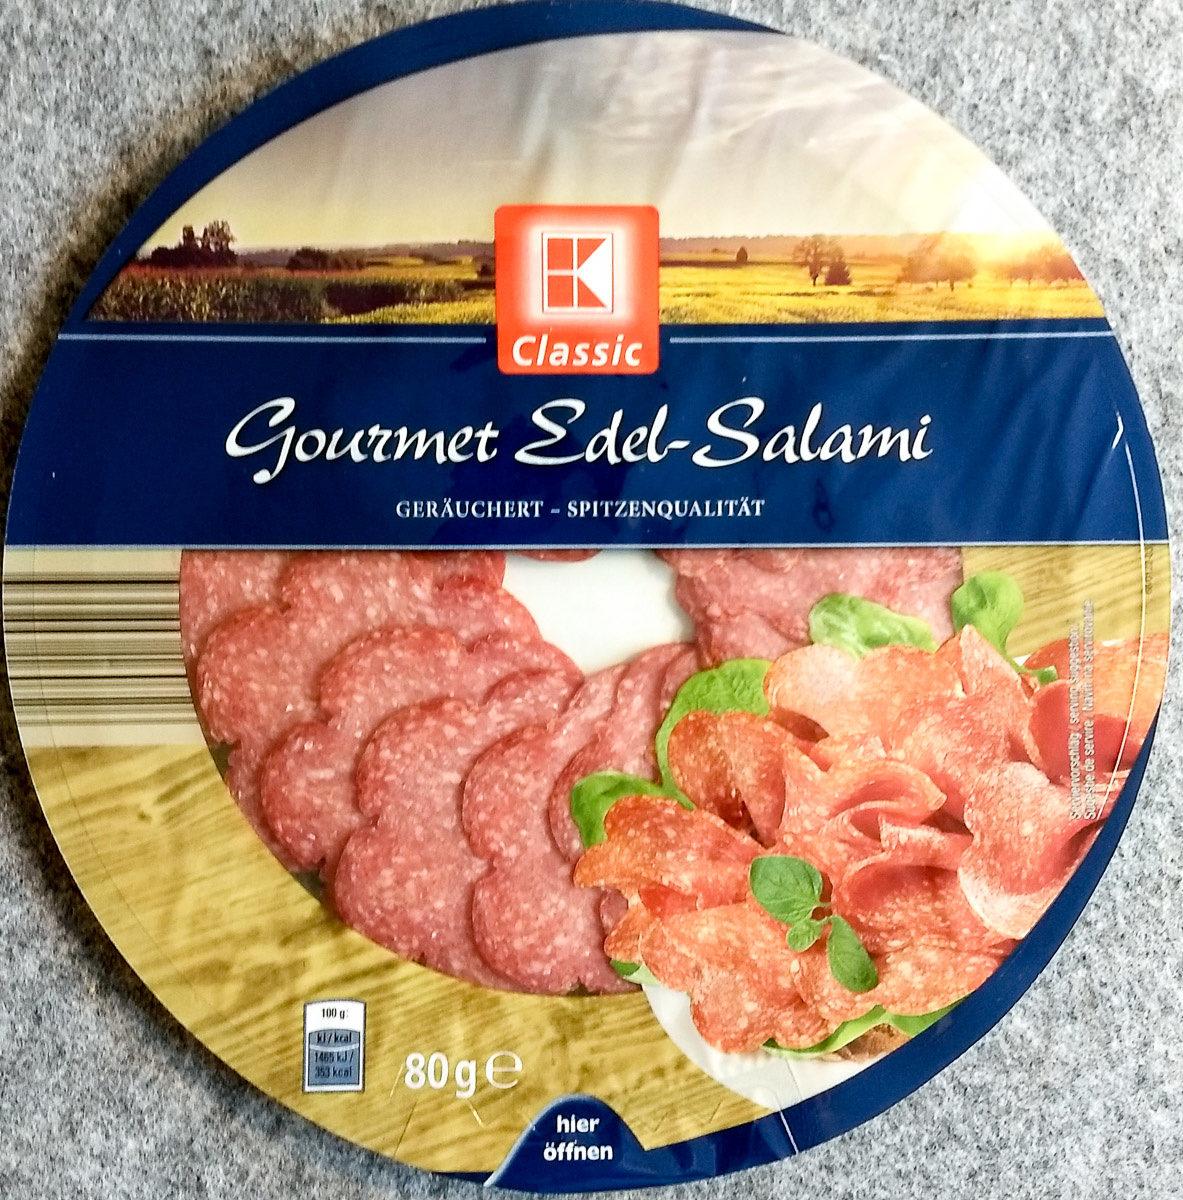 Gourmet Edel-Salami - Product - de